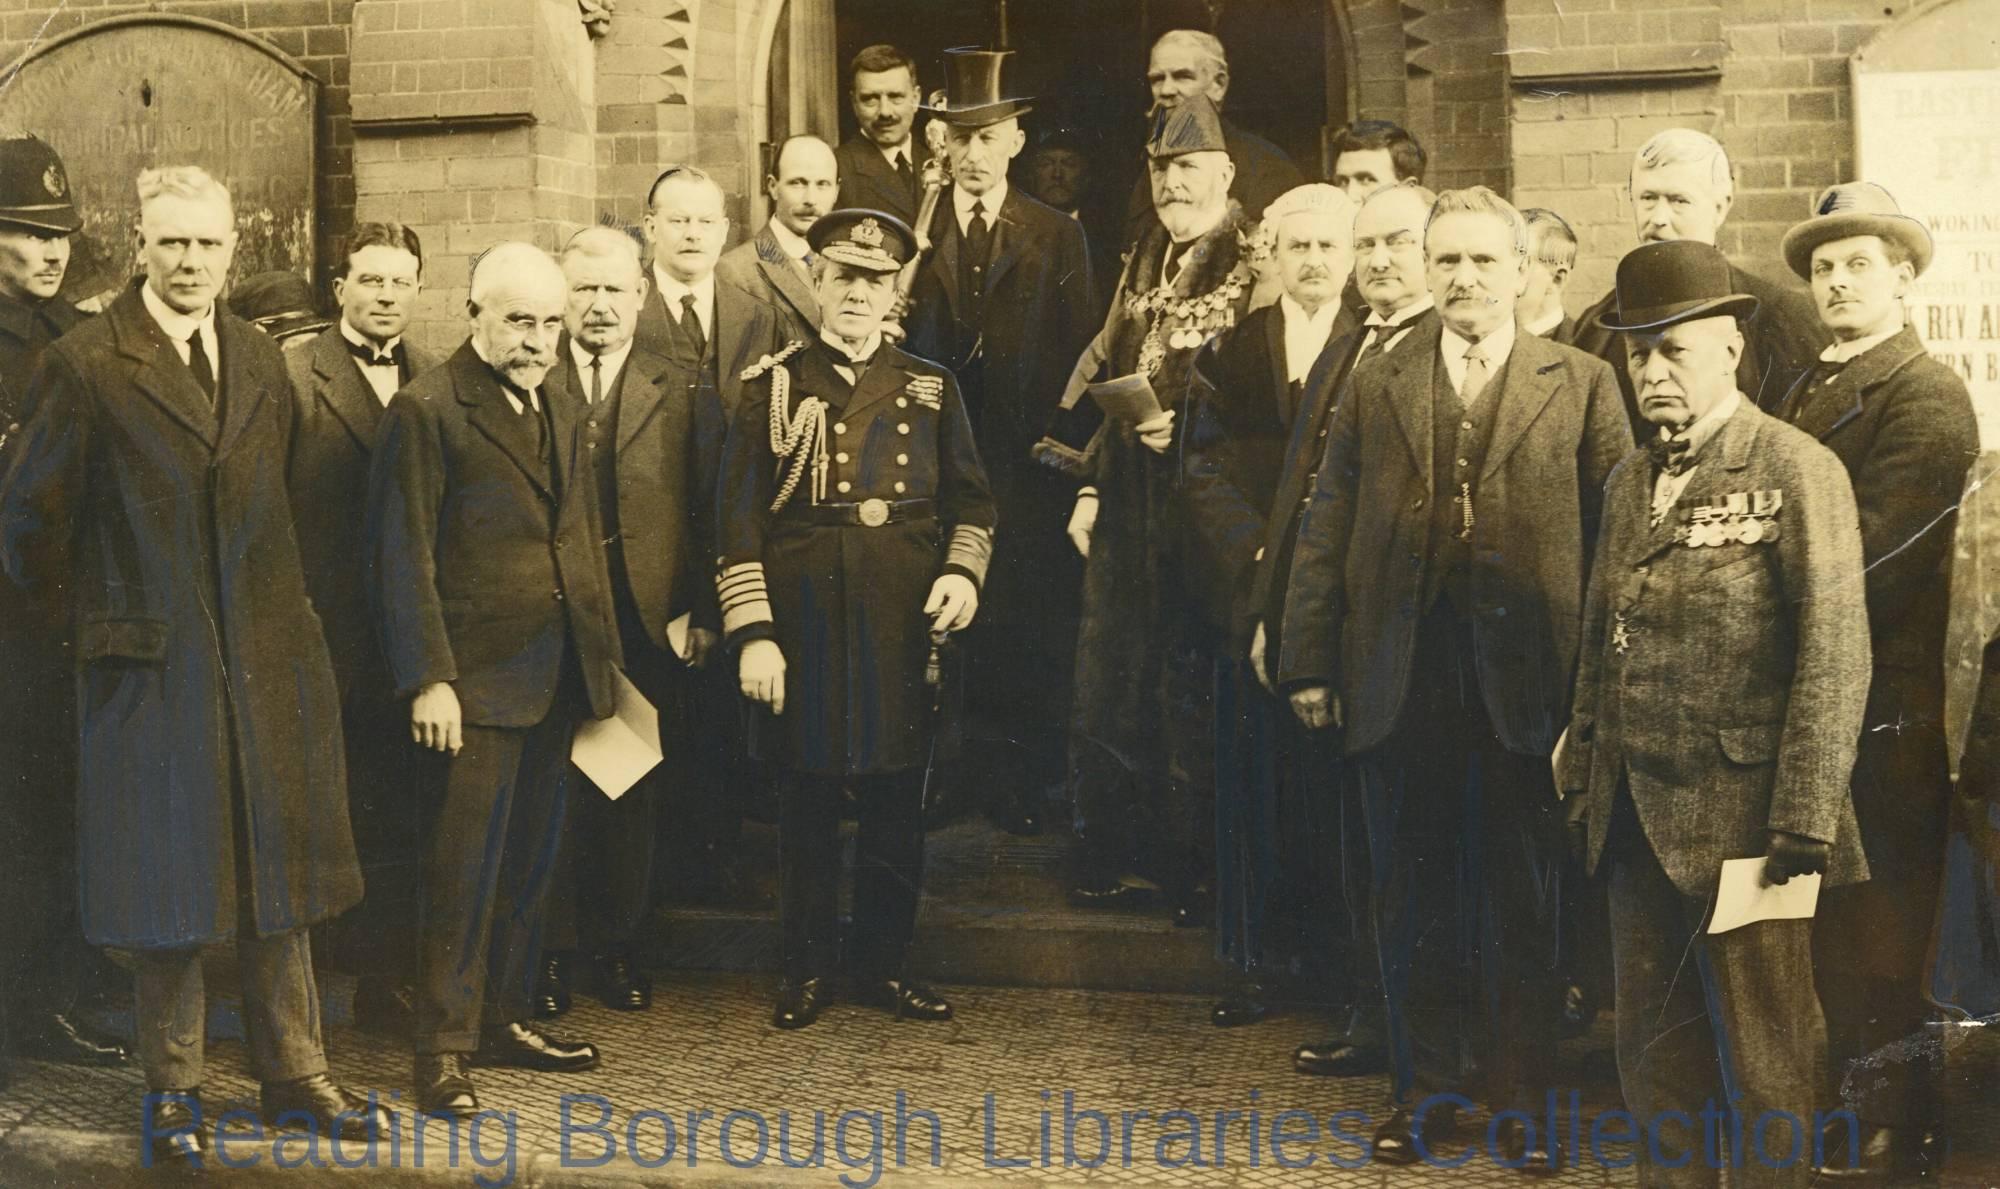 Wokingham War Memorial Dedication, 1924.